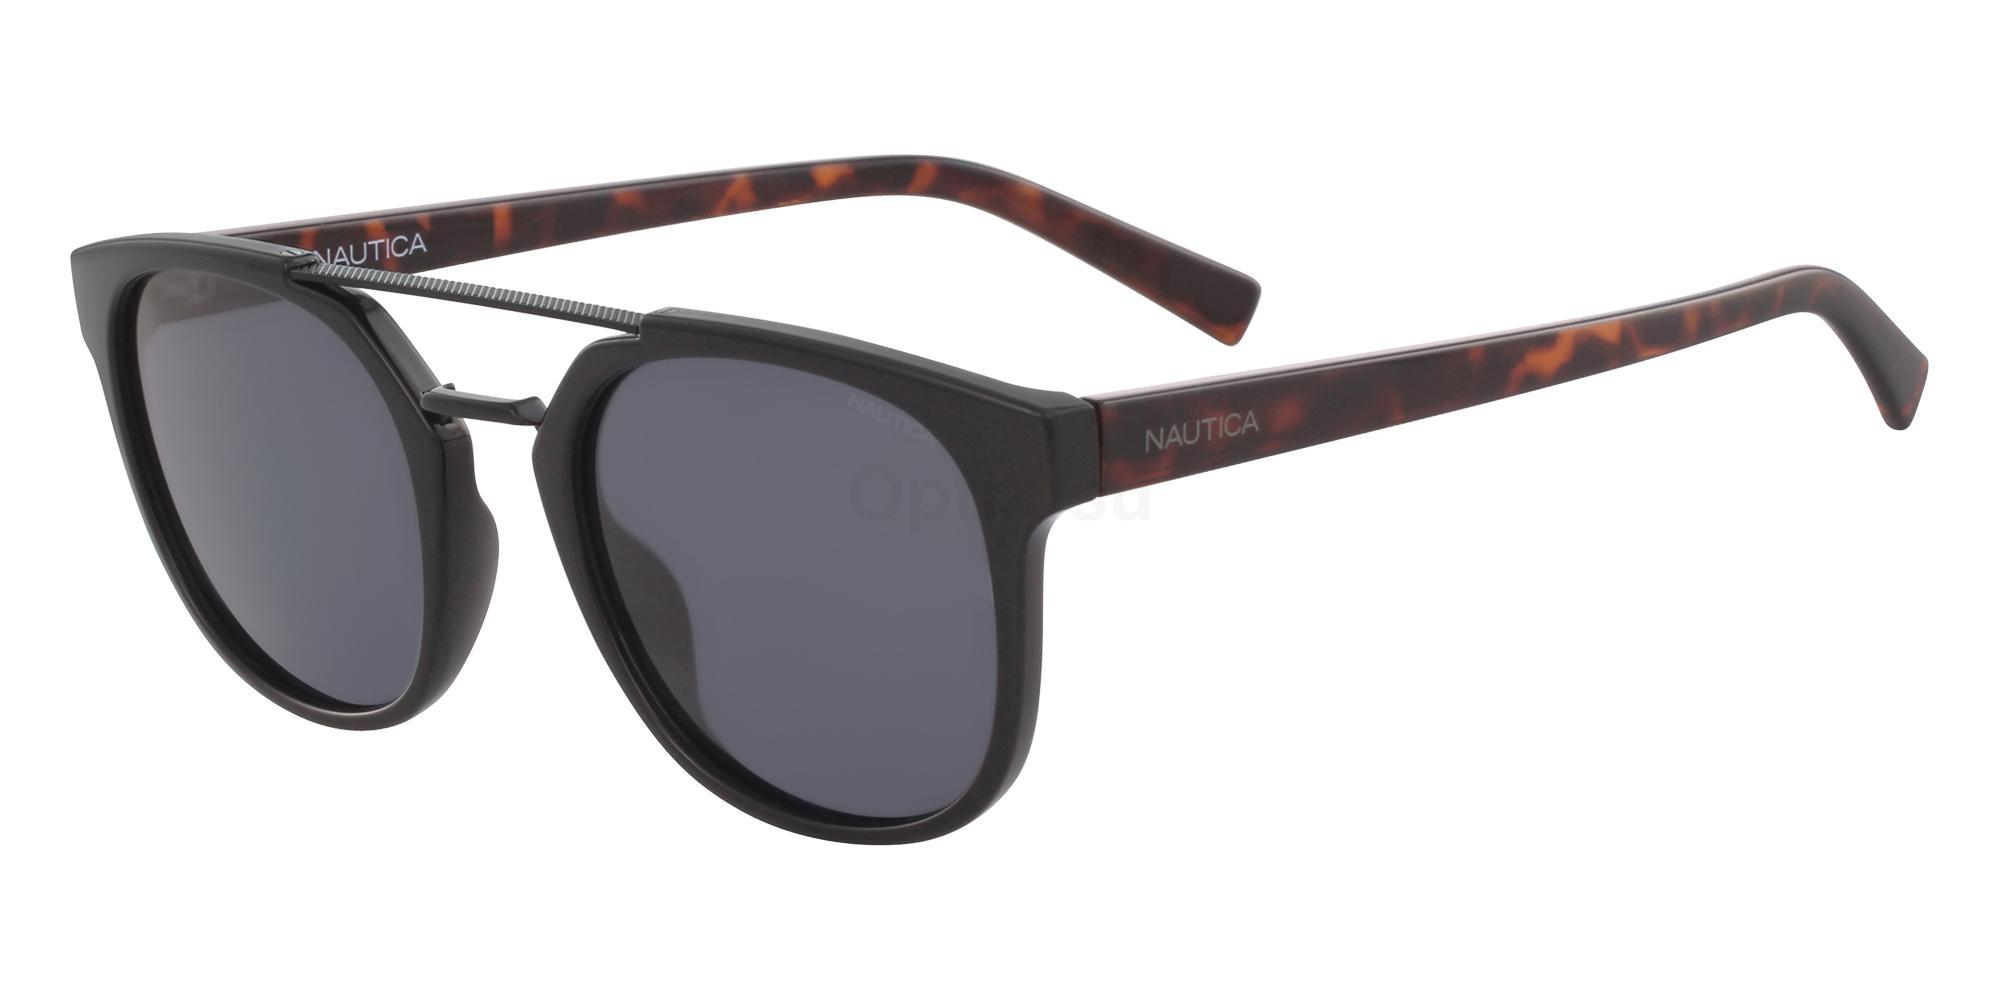 001 N3637SP Sunglasses, Nautica